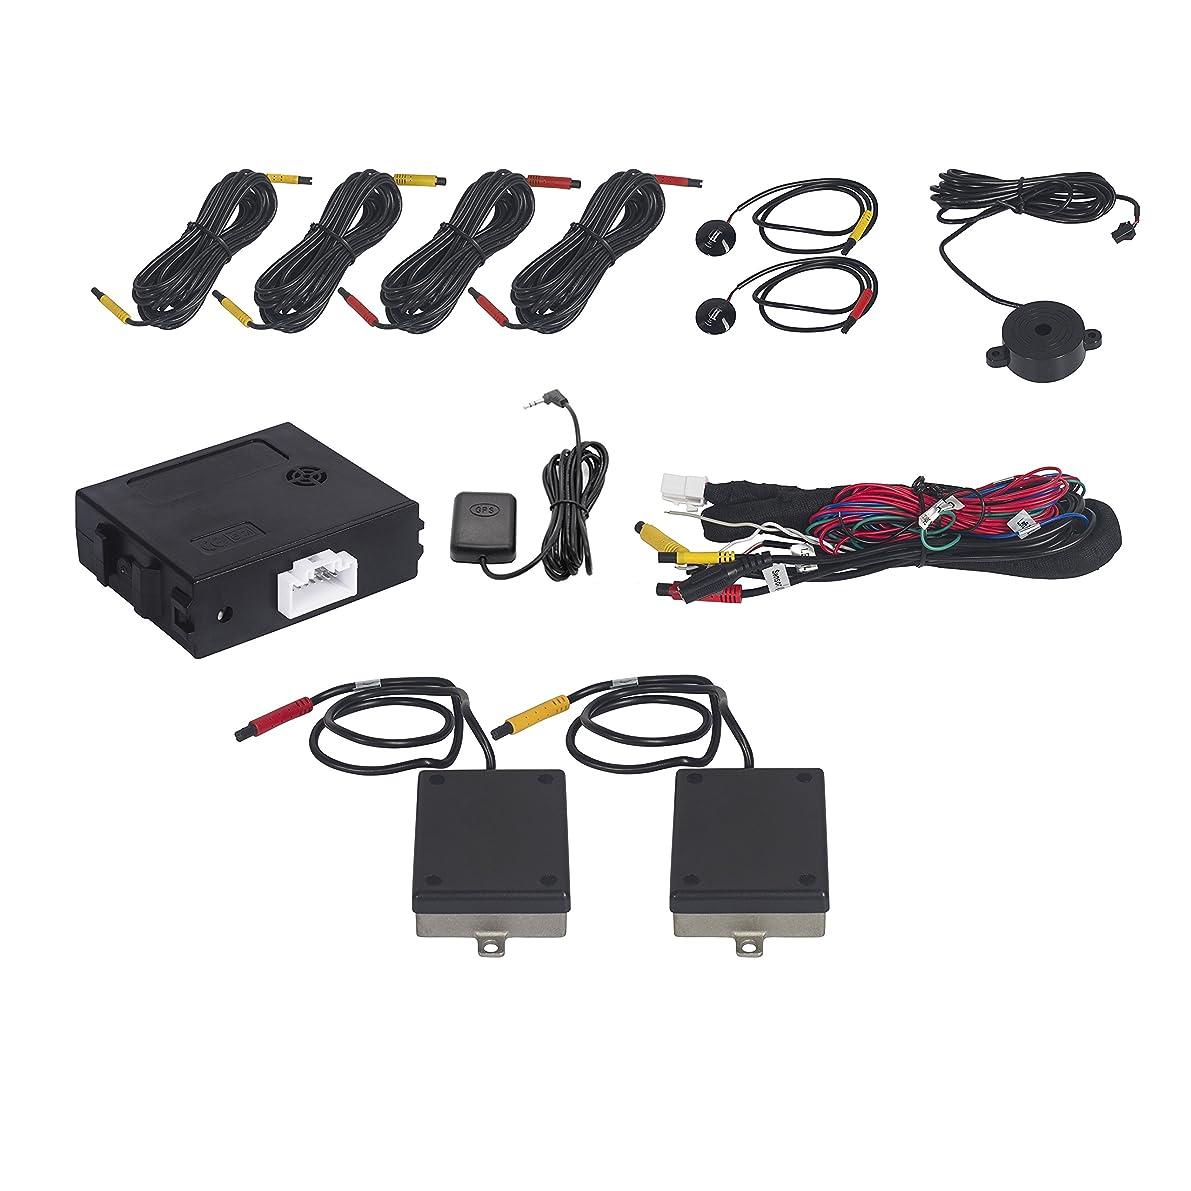 信頼性のある技術者文言後方から近づく車を検知してインジケーターを点灯、警告してくれるブラインドスポット検知システム XBS-010